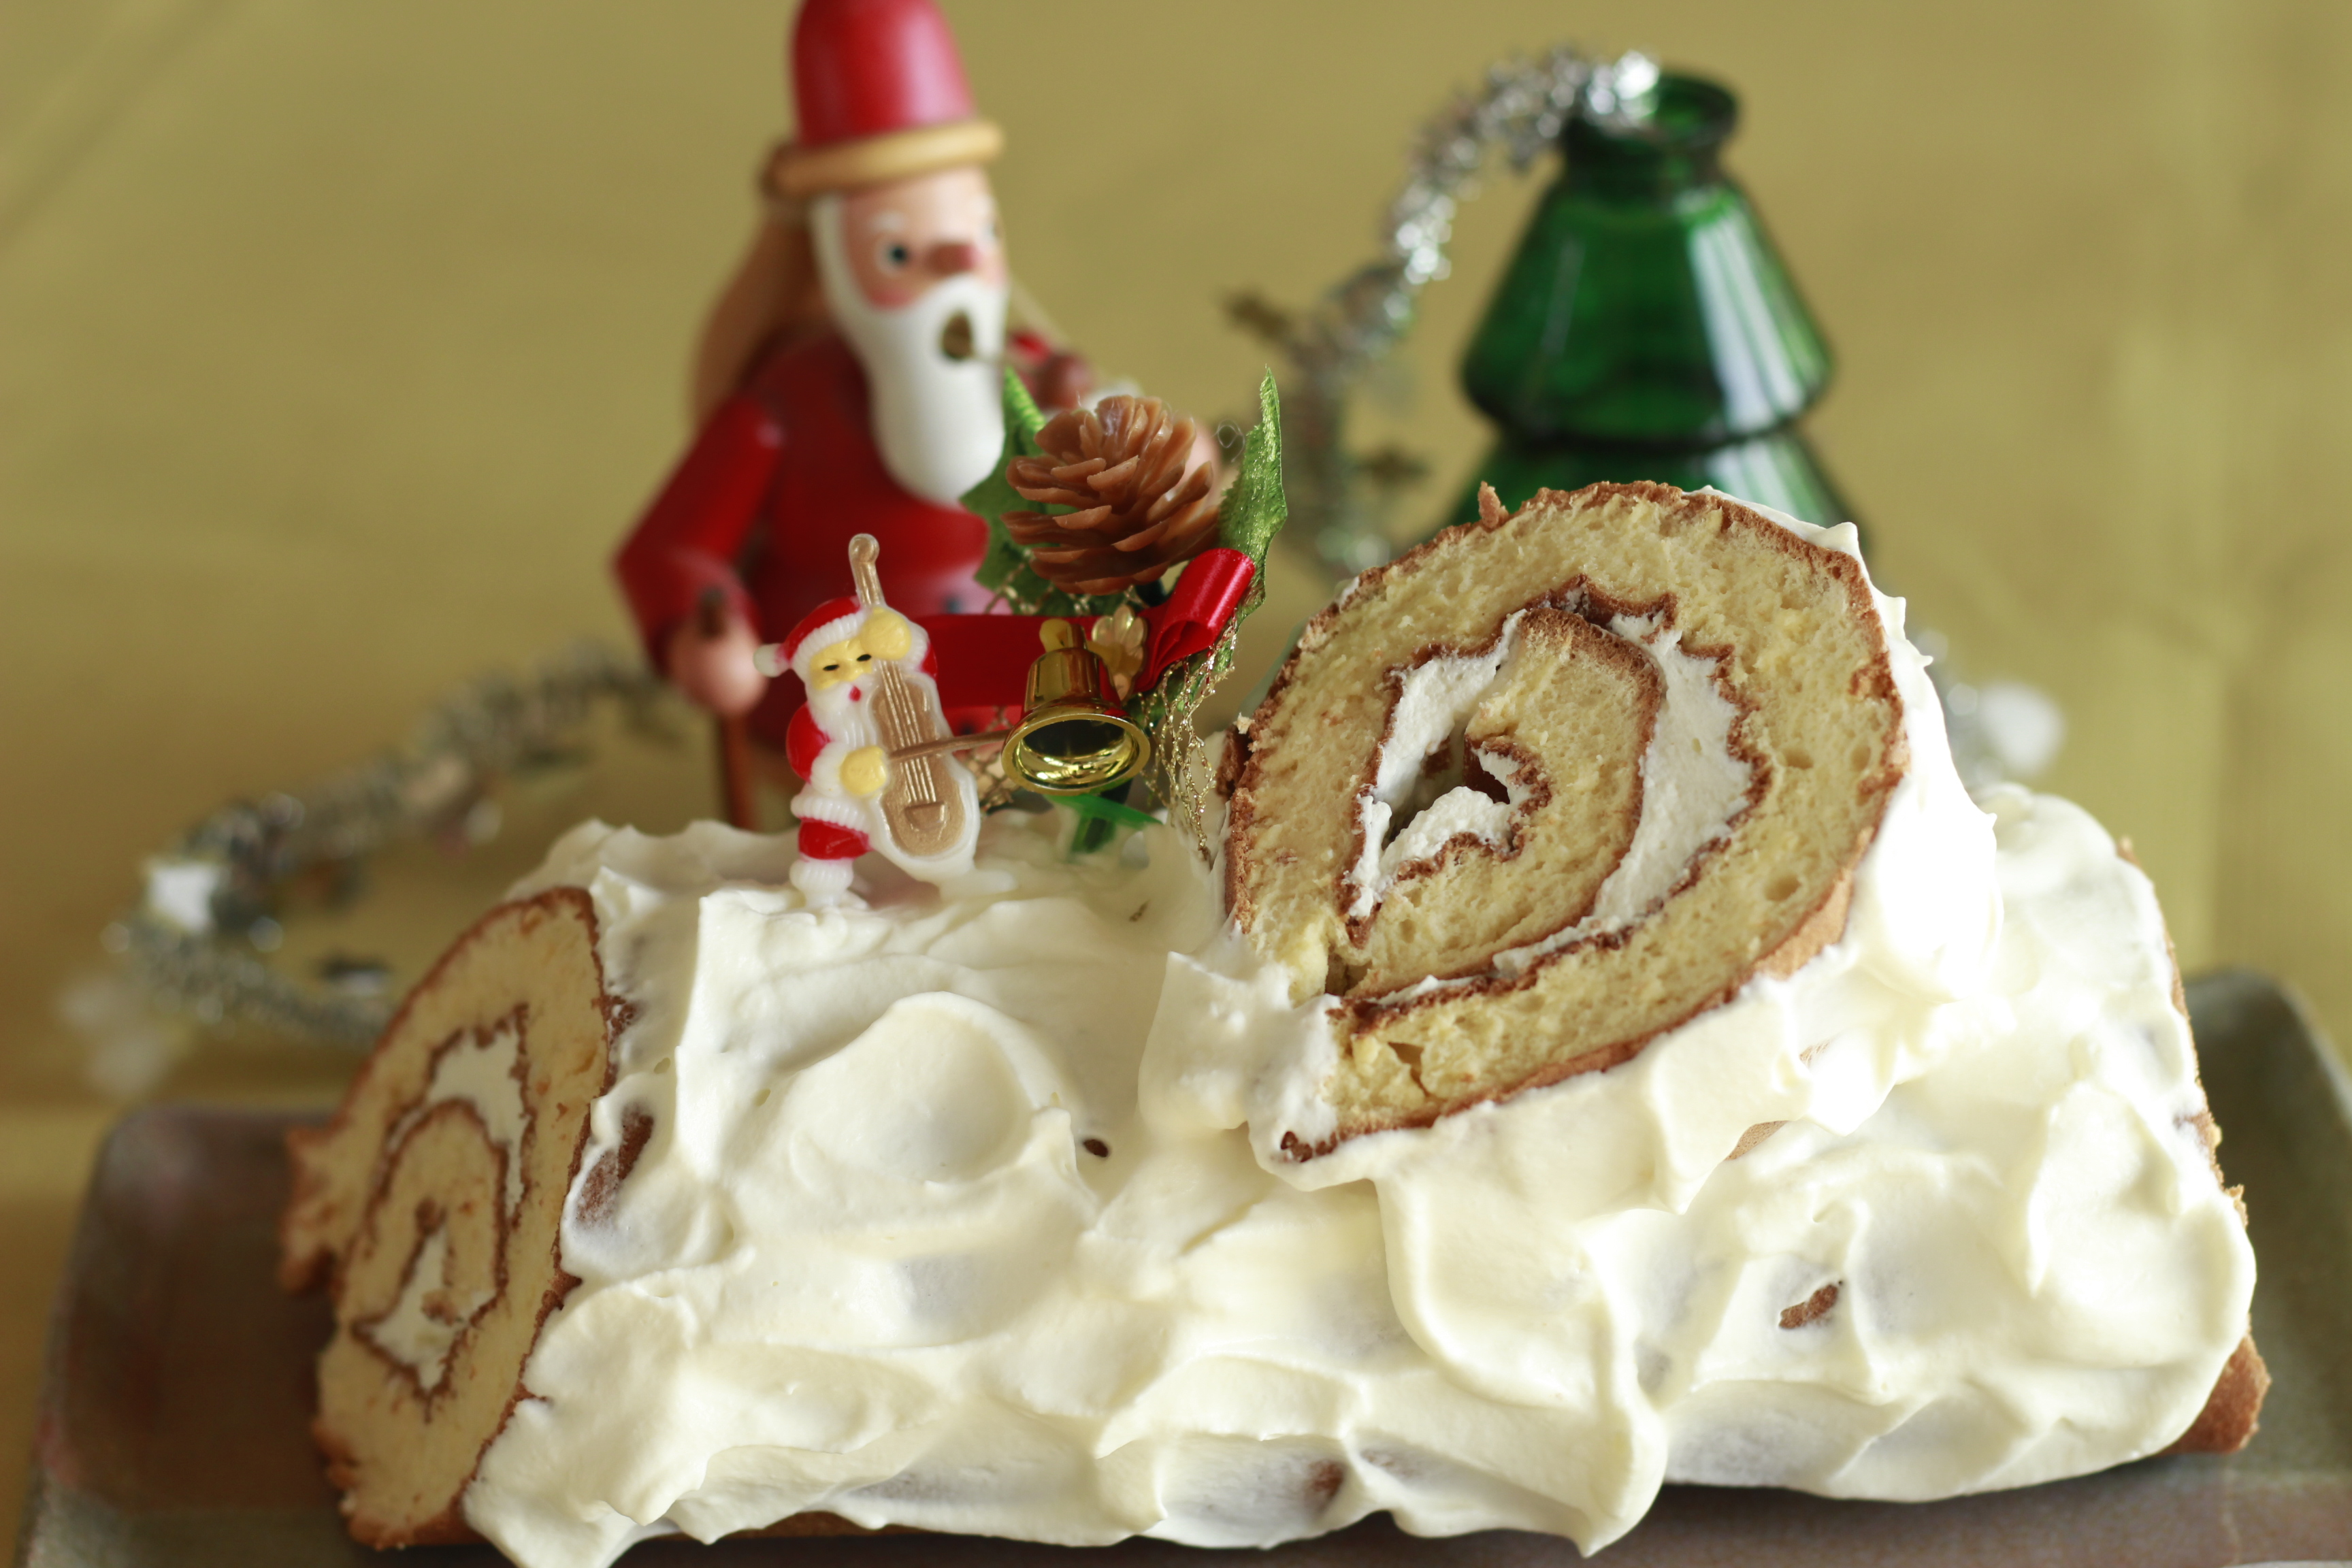 a-ta-sante糖質制限パン料理教室。糖質制限家庭料理『グルテンフリーブッシュドノエル』